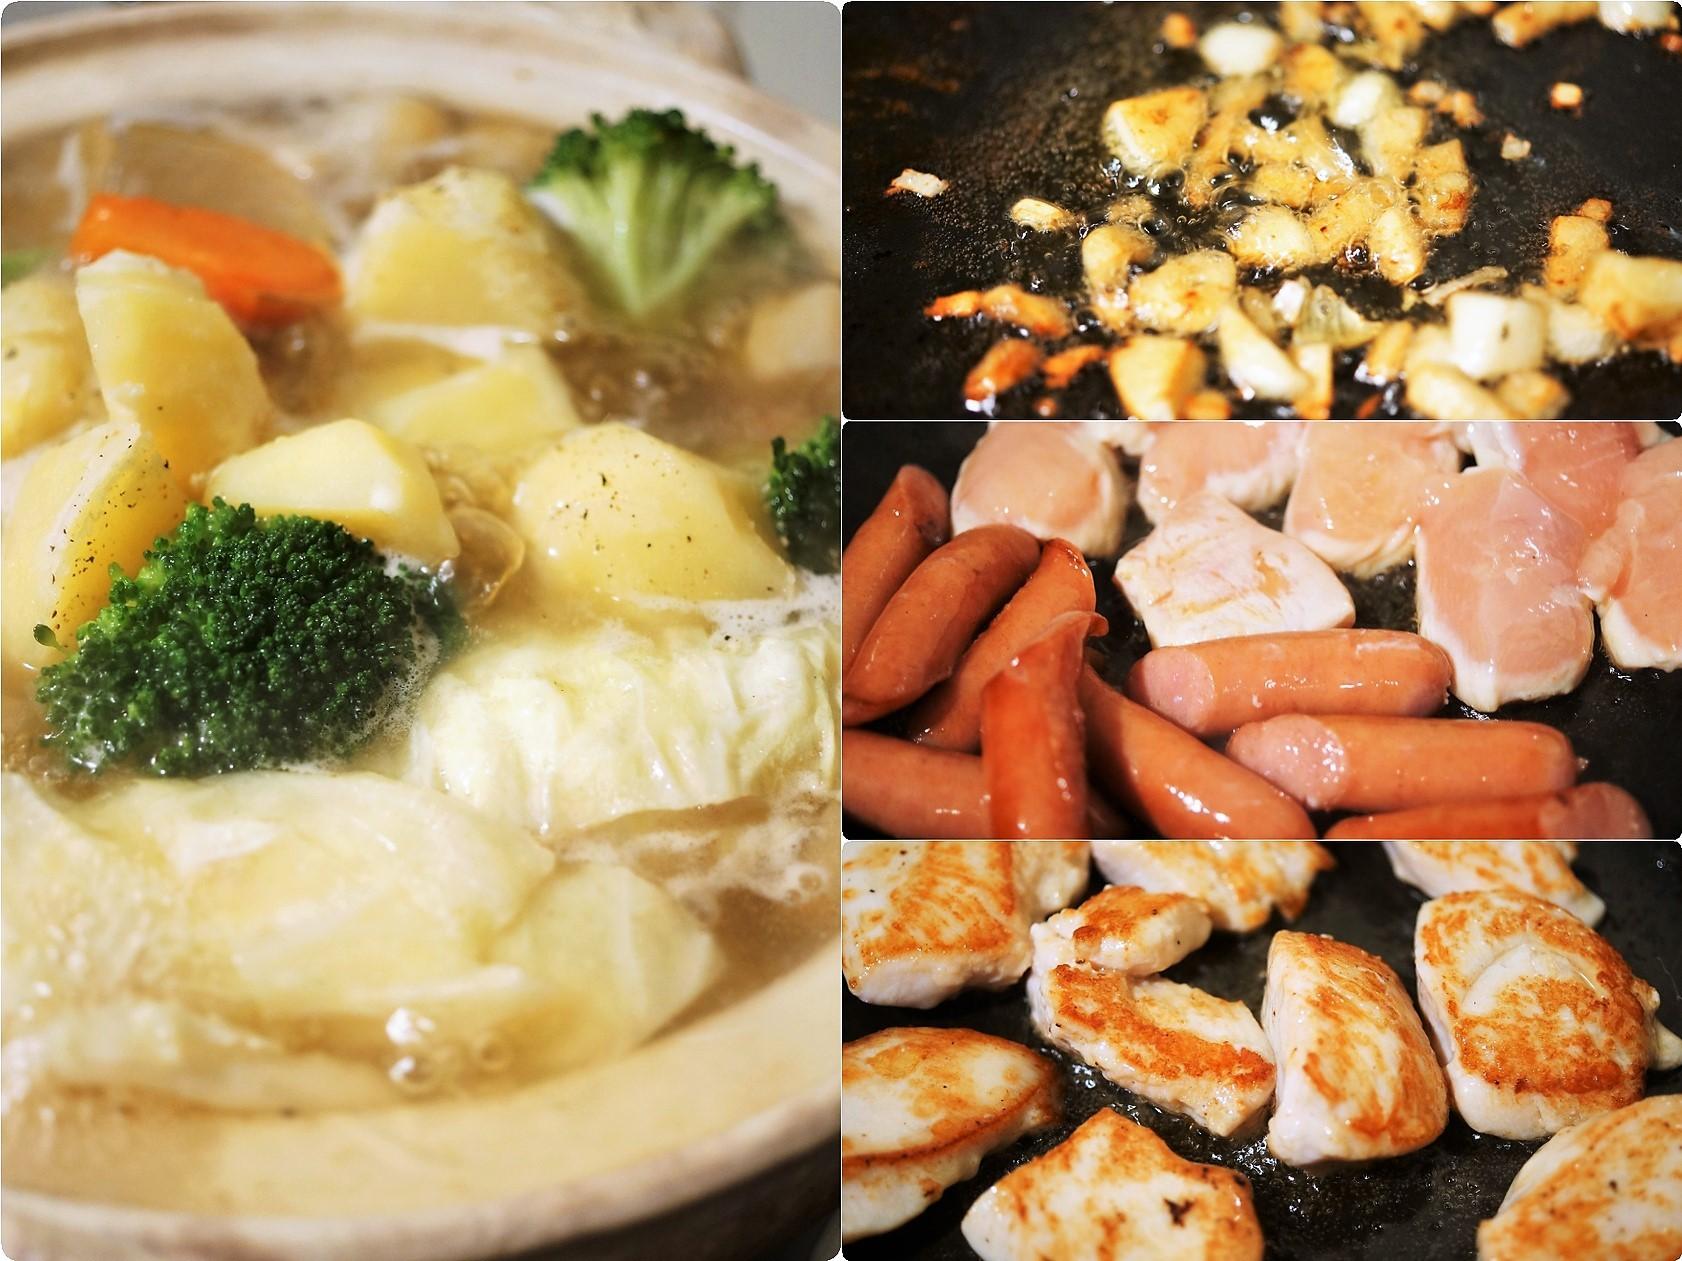 ■【ポトフ】柔らか鶏胸肉・ウインナーに菜園採り蕪・大根・ジャガイモも入れました^0^_b0033423_20053243.jpg